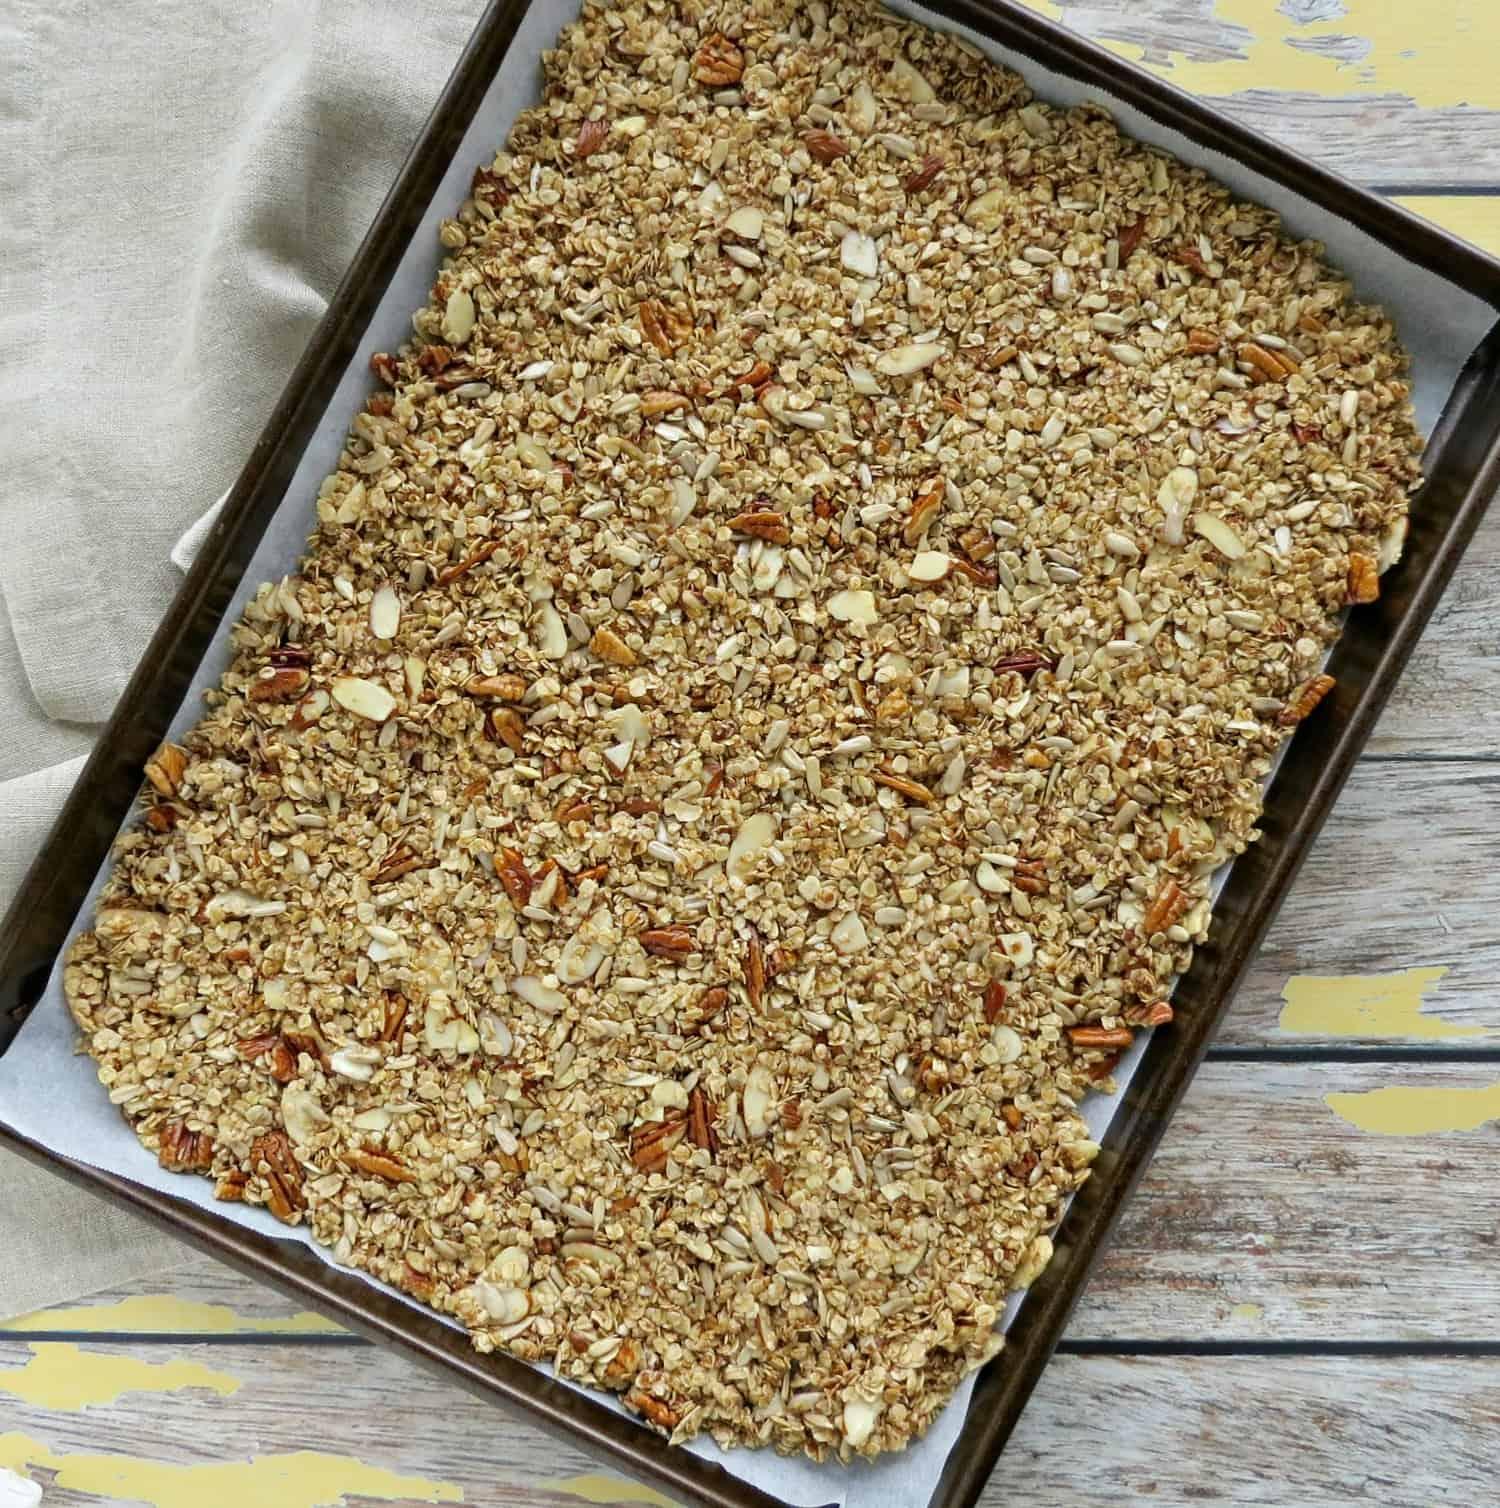 Nutty Homemade Granola Recipe Step 2